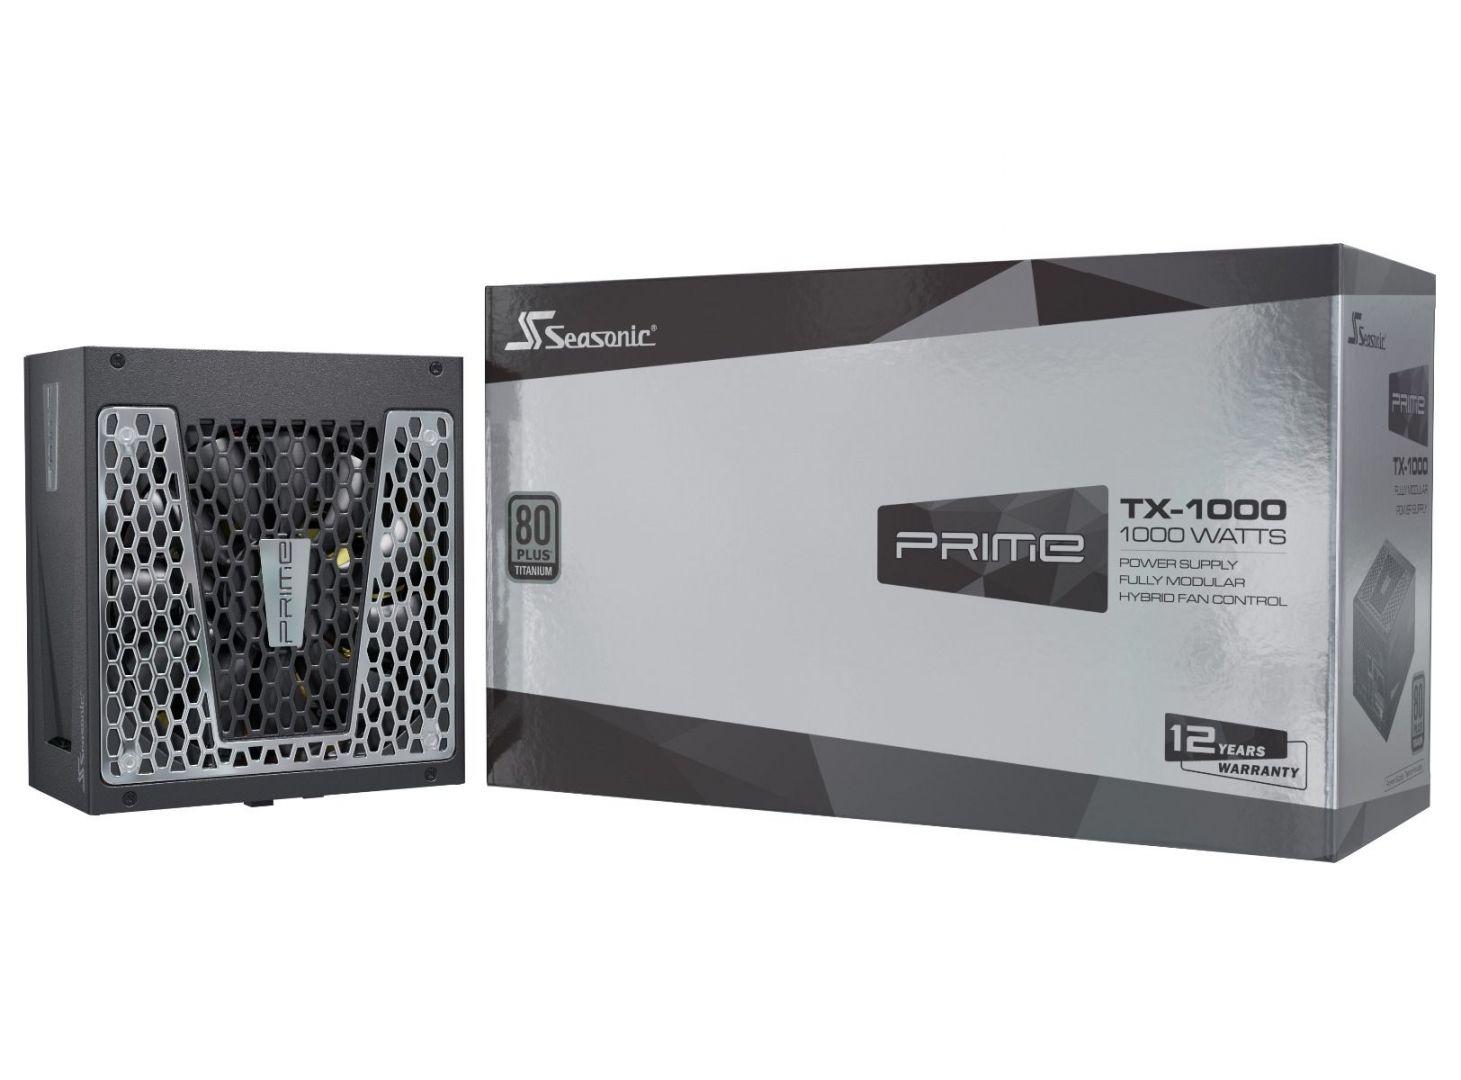 Seasonic 1000W 80+ Titanium Prime TX (PRIME-TX-1000)